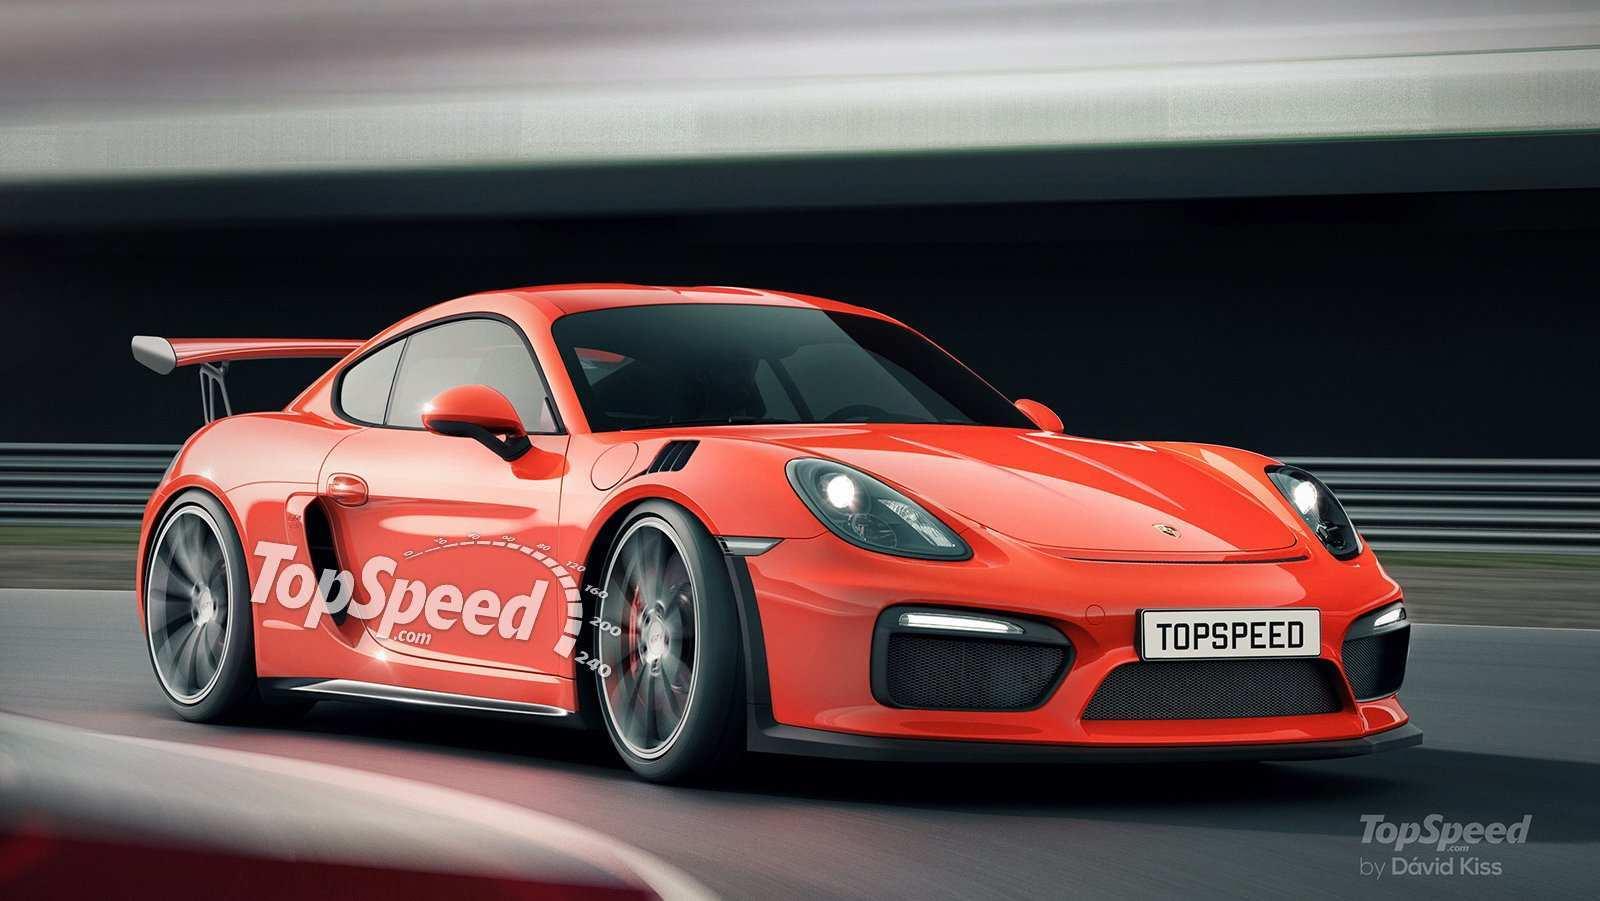 24 All New 2020 Porsche 718 Cayman Exterior by 2020 Porsche 718 Cayman